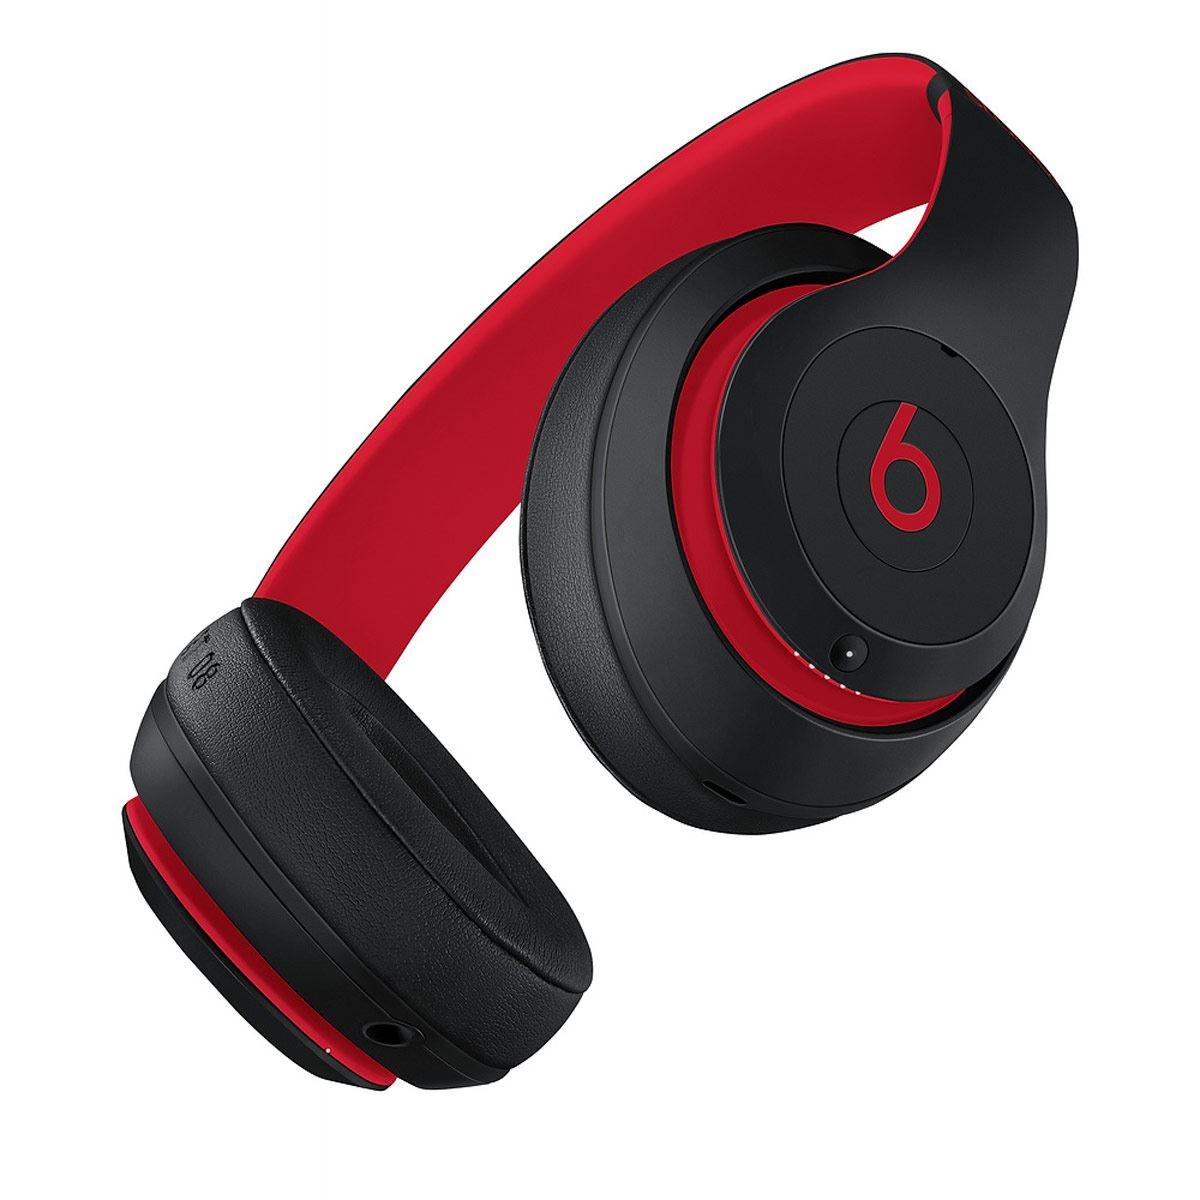 Audífonos Studio3 Wl Negro-Rojo Beats